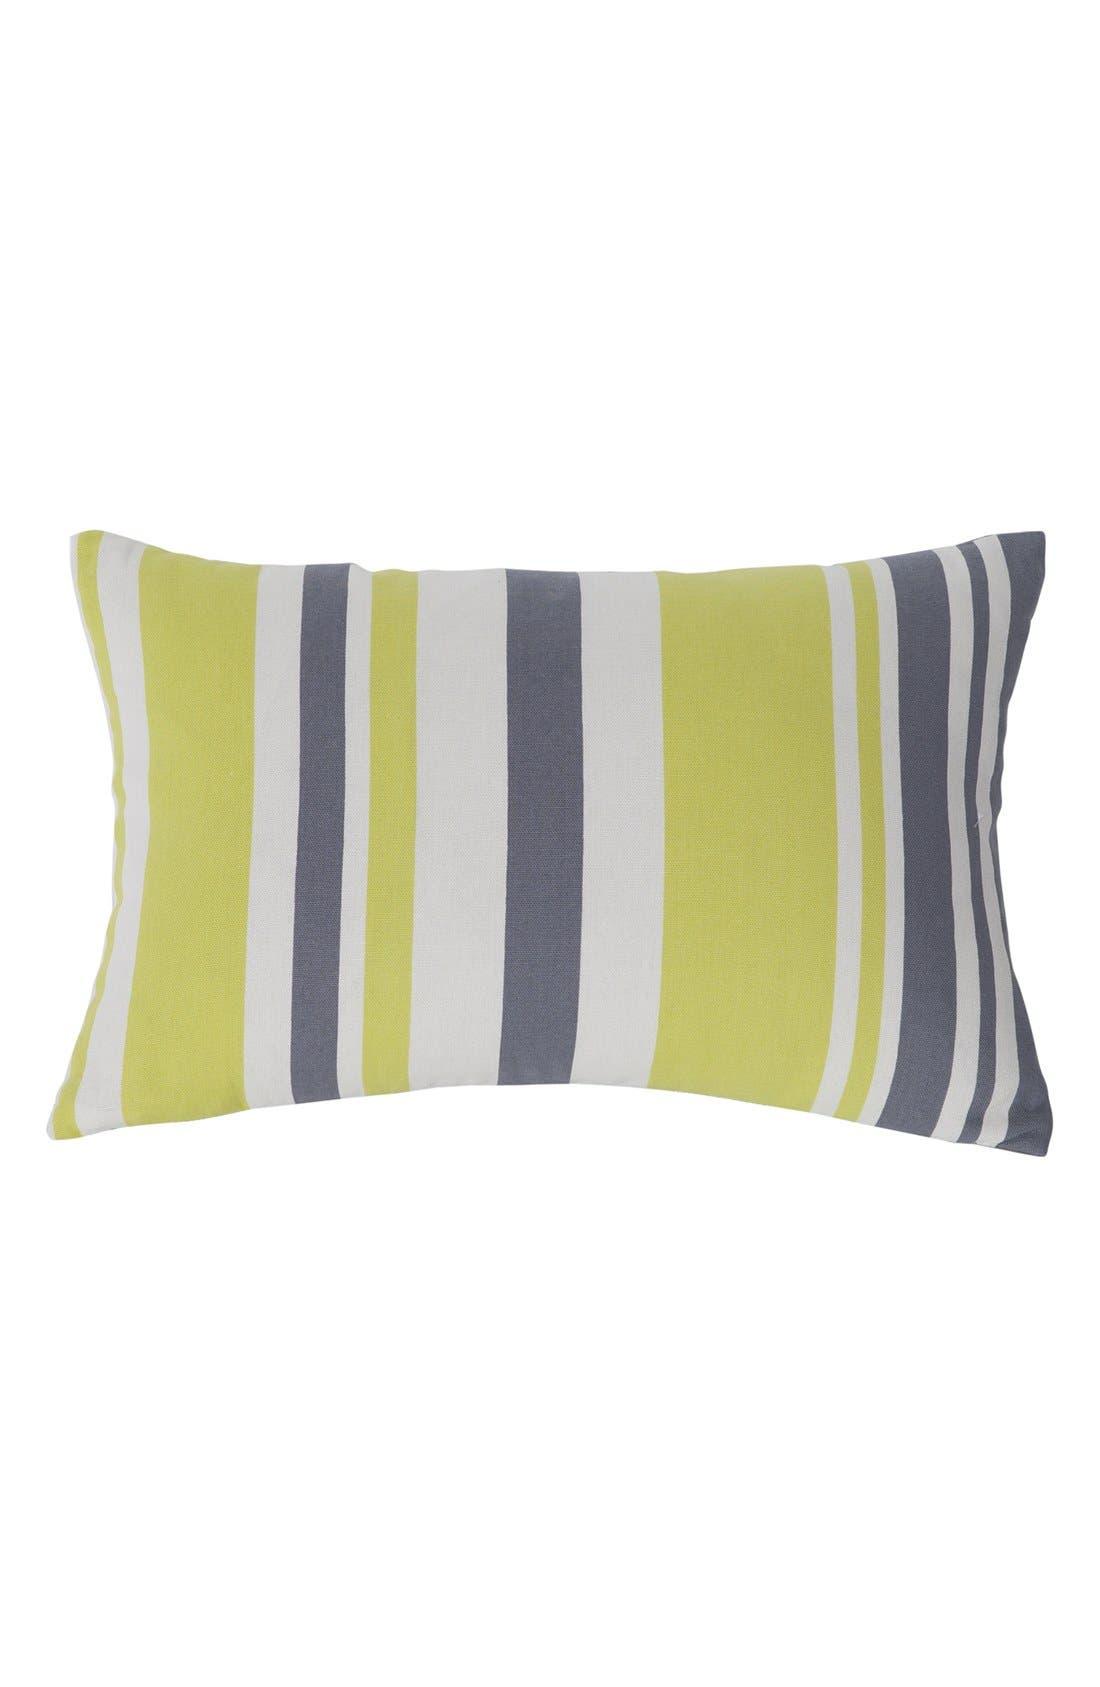 Main Image - kensie 'Etta' Pillow